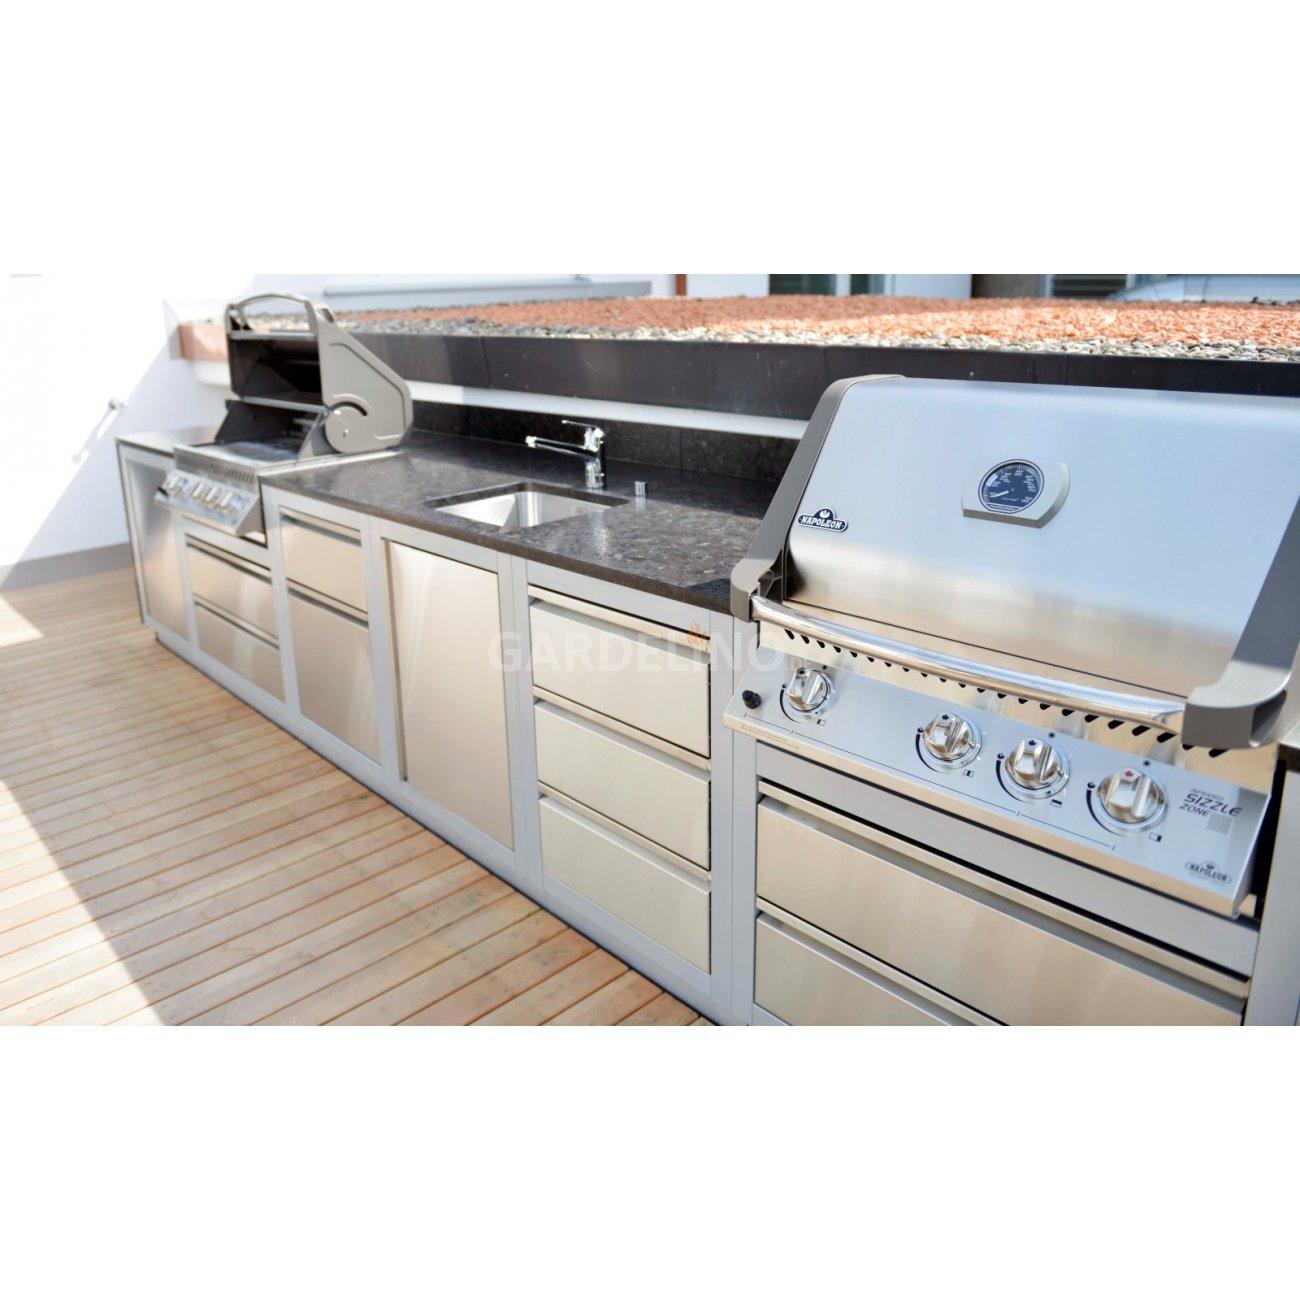 outdoorküche mit napoleon oasis system - baubericht - Edelstahl Outdoor Küche